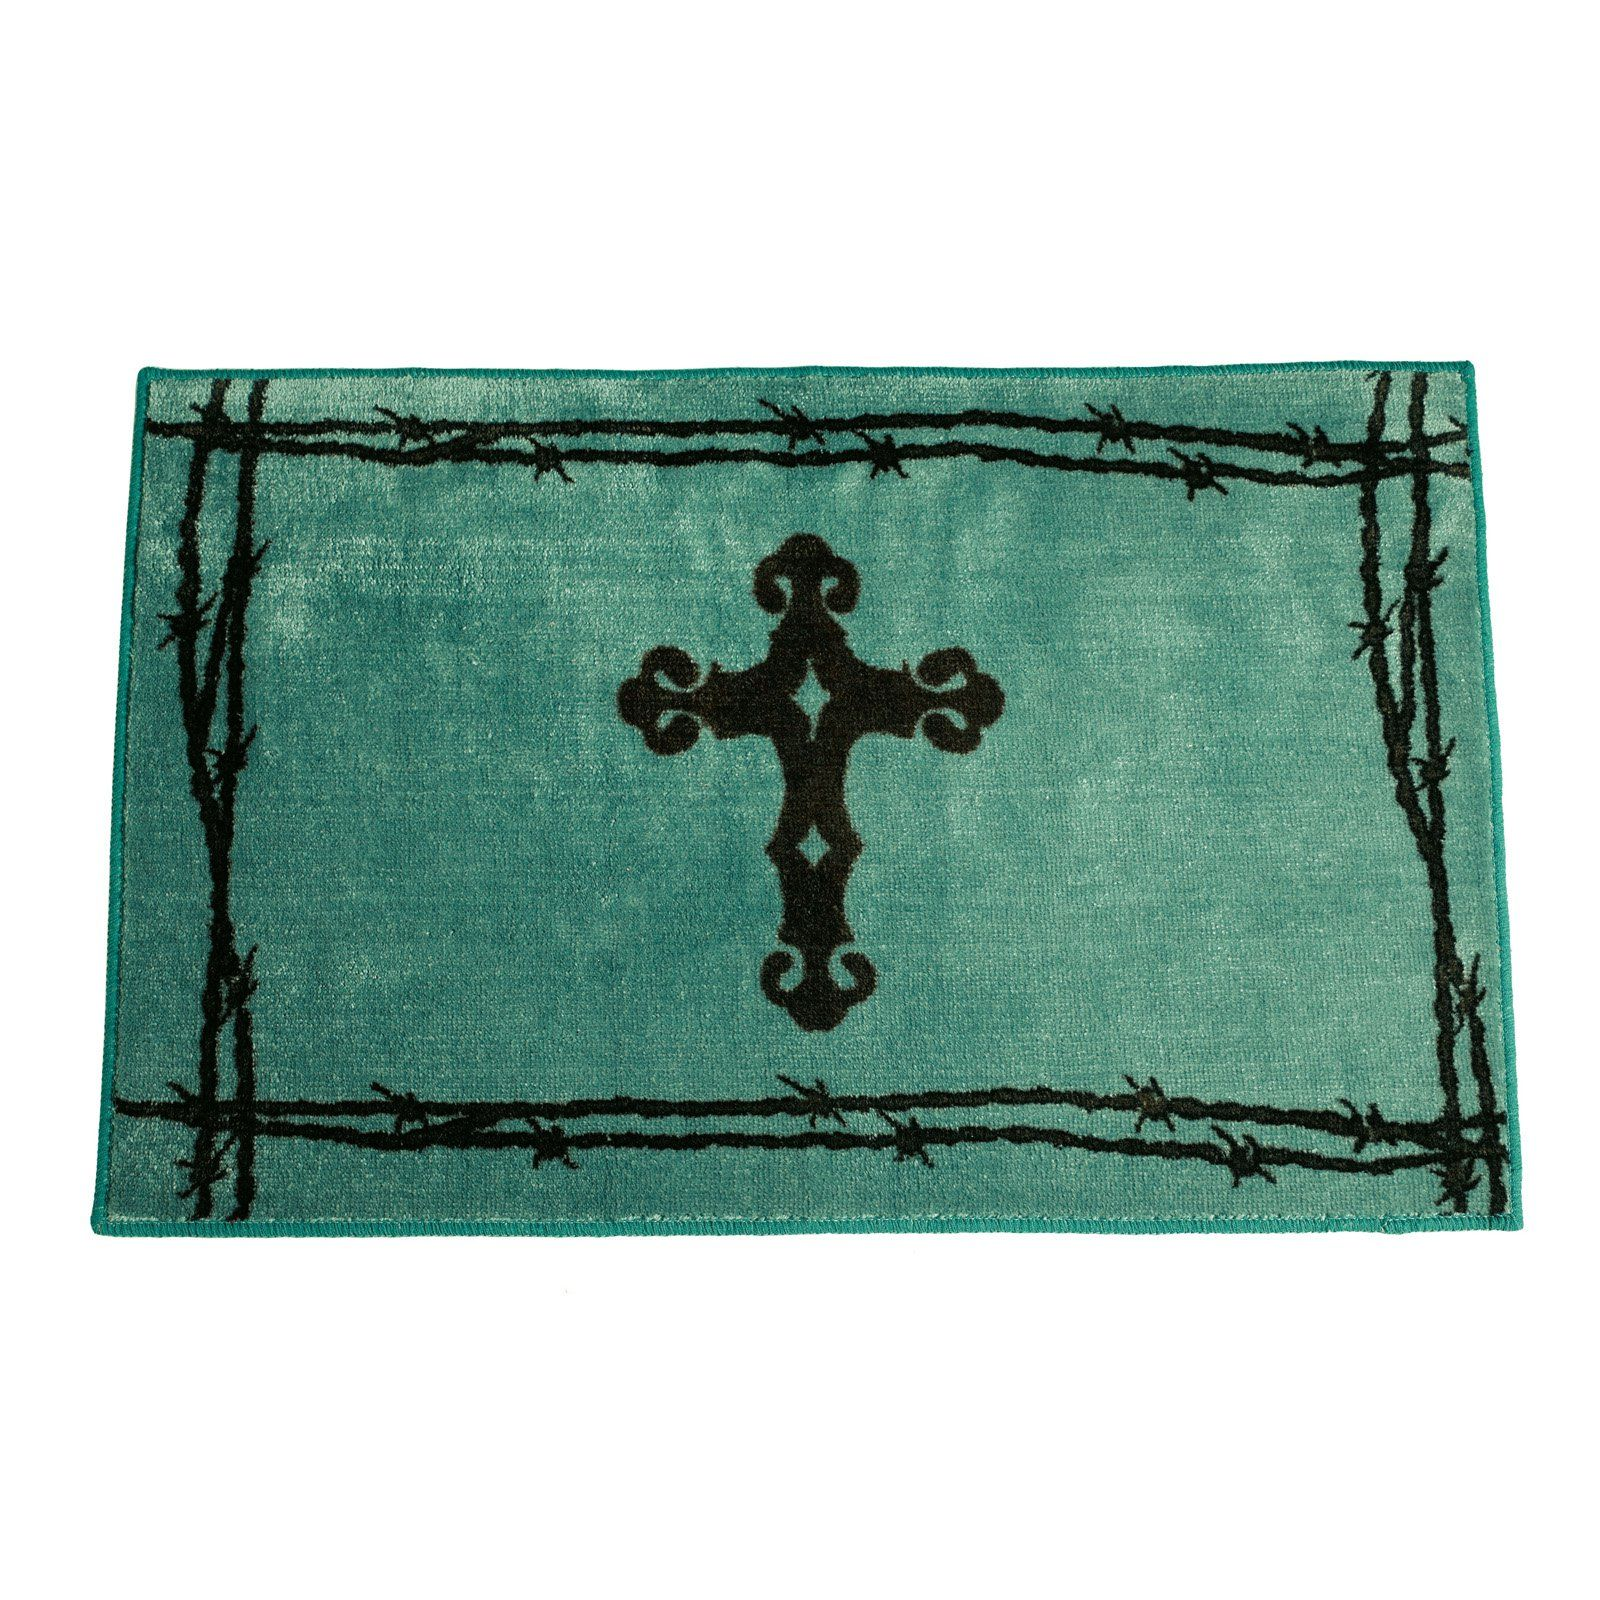 Hiend Accents Cross Print Bath Rug